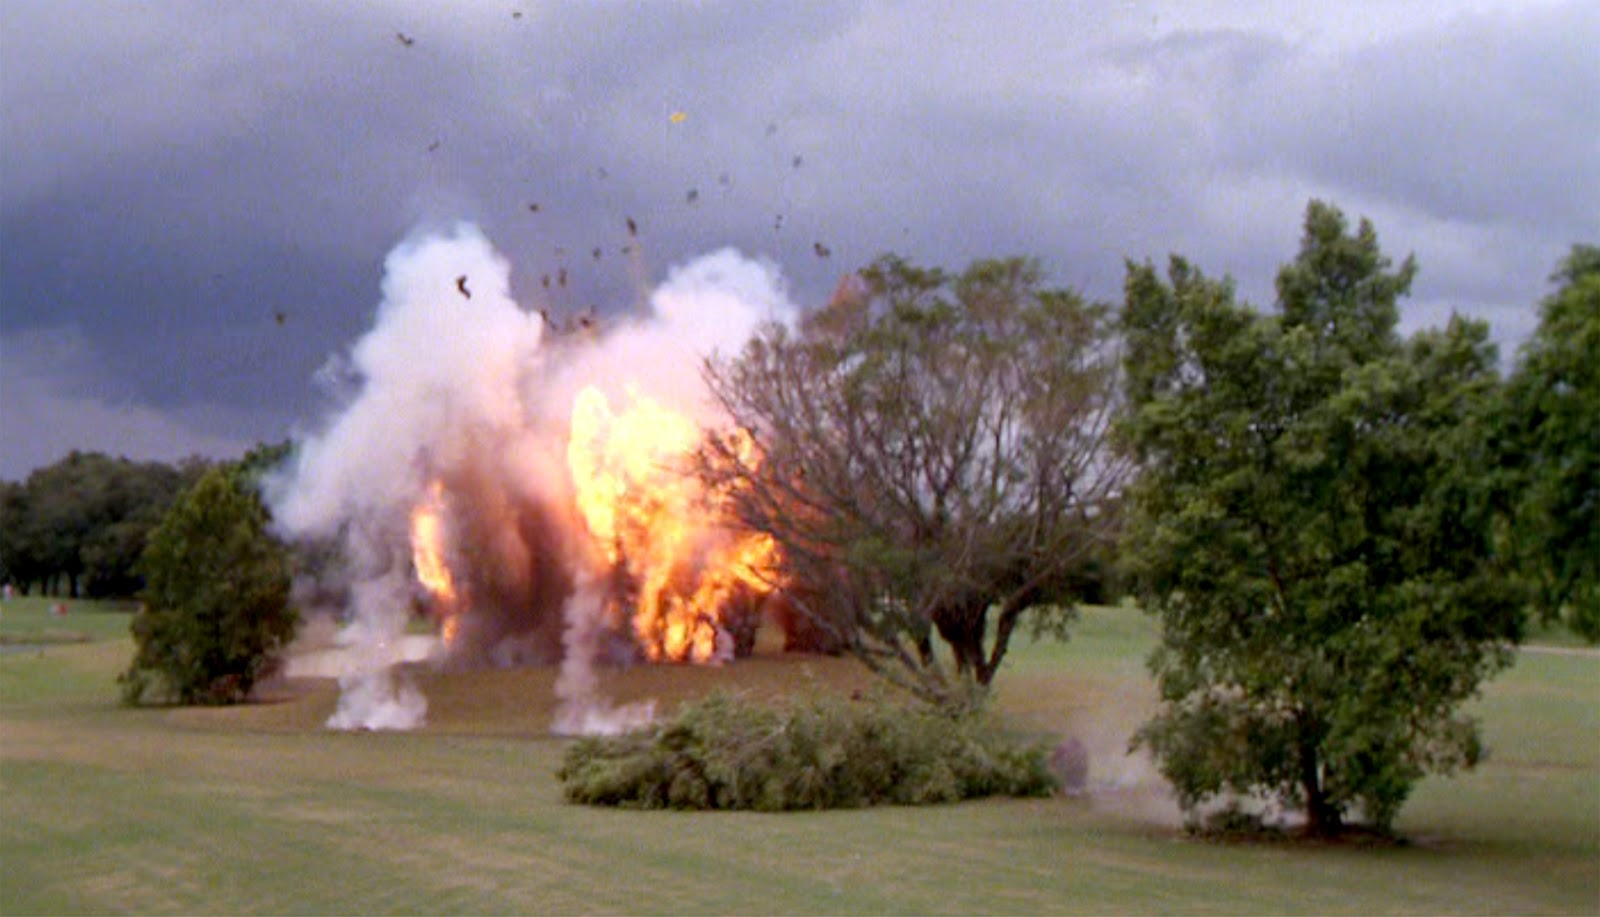 Caddyshack Gopher Explosion | www.imgkid.com - The Image ...